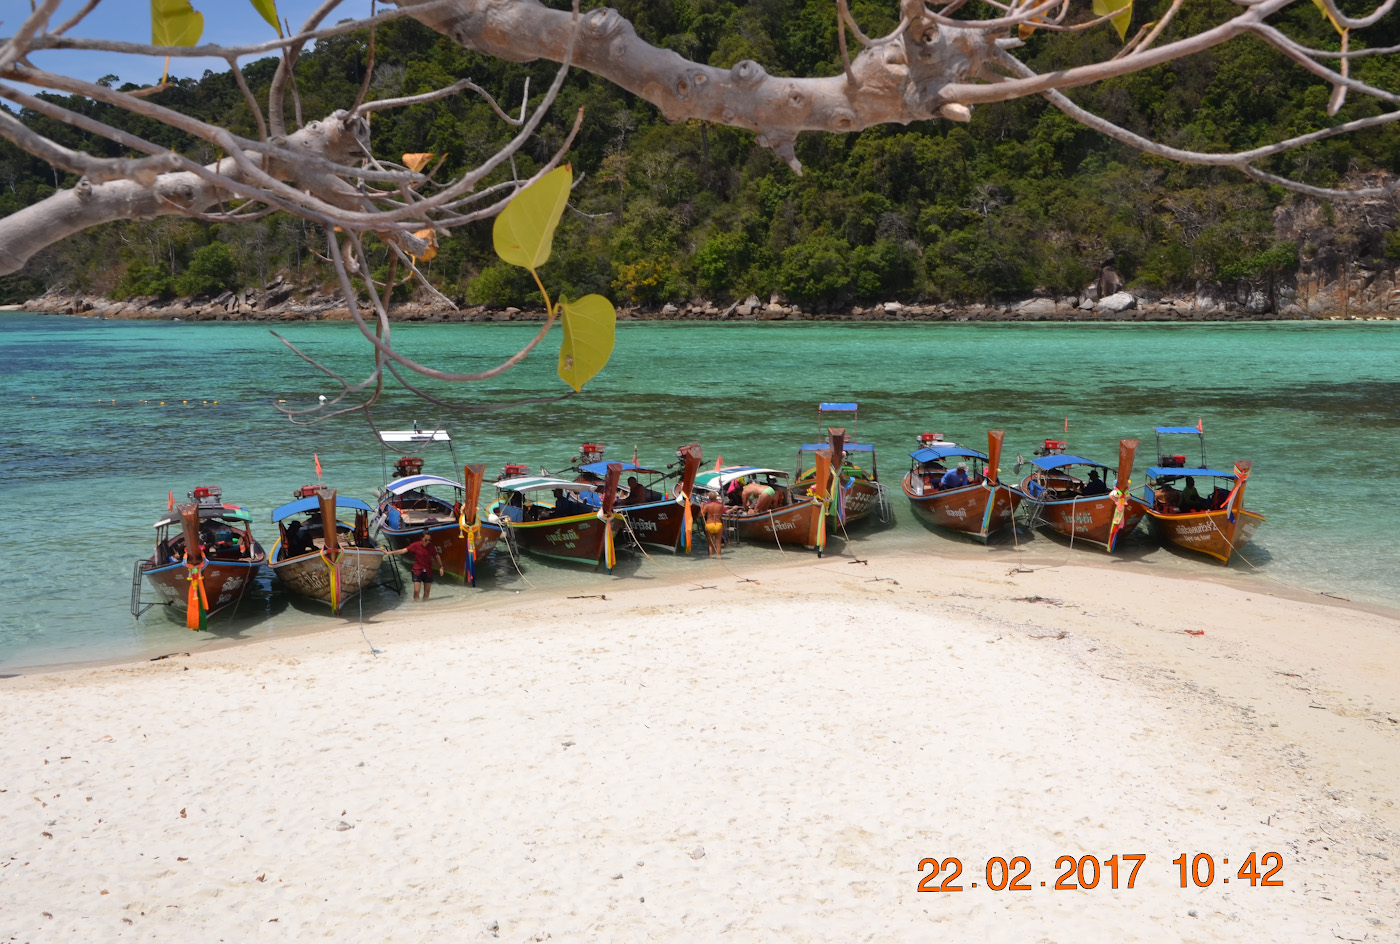 Фотография 24. Вид на остров Аданг с Ко Липе. Отзывы туристов об отдыхе в Таиланде дикарями. Снято на Sony DSC-H20 с настройками: 1/200, 8.0, 80, 6.3.